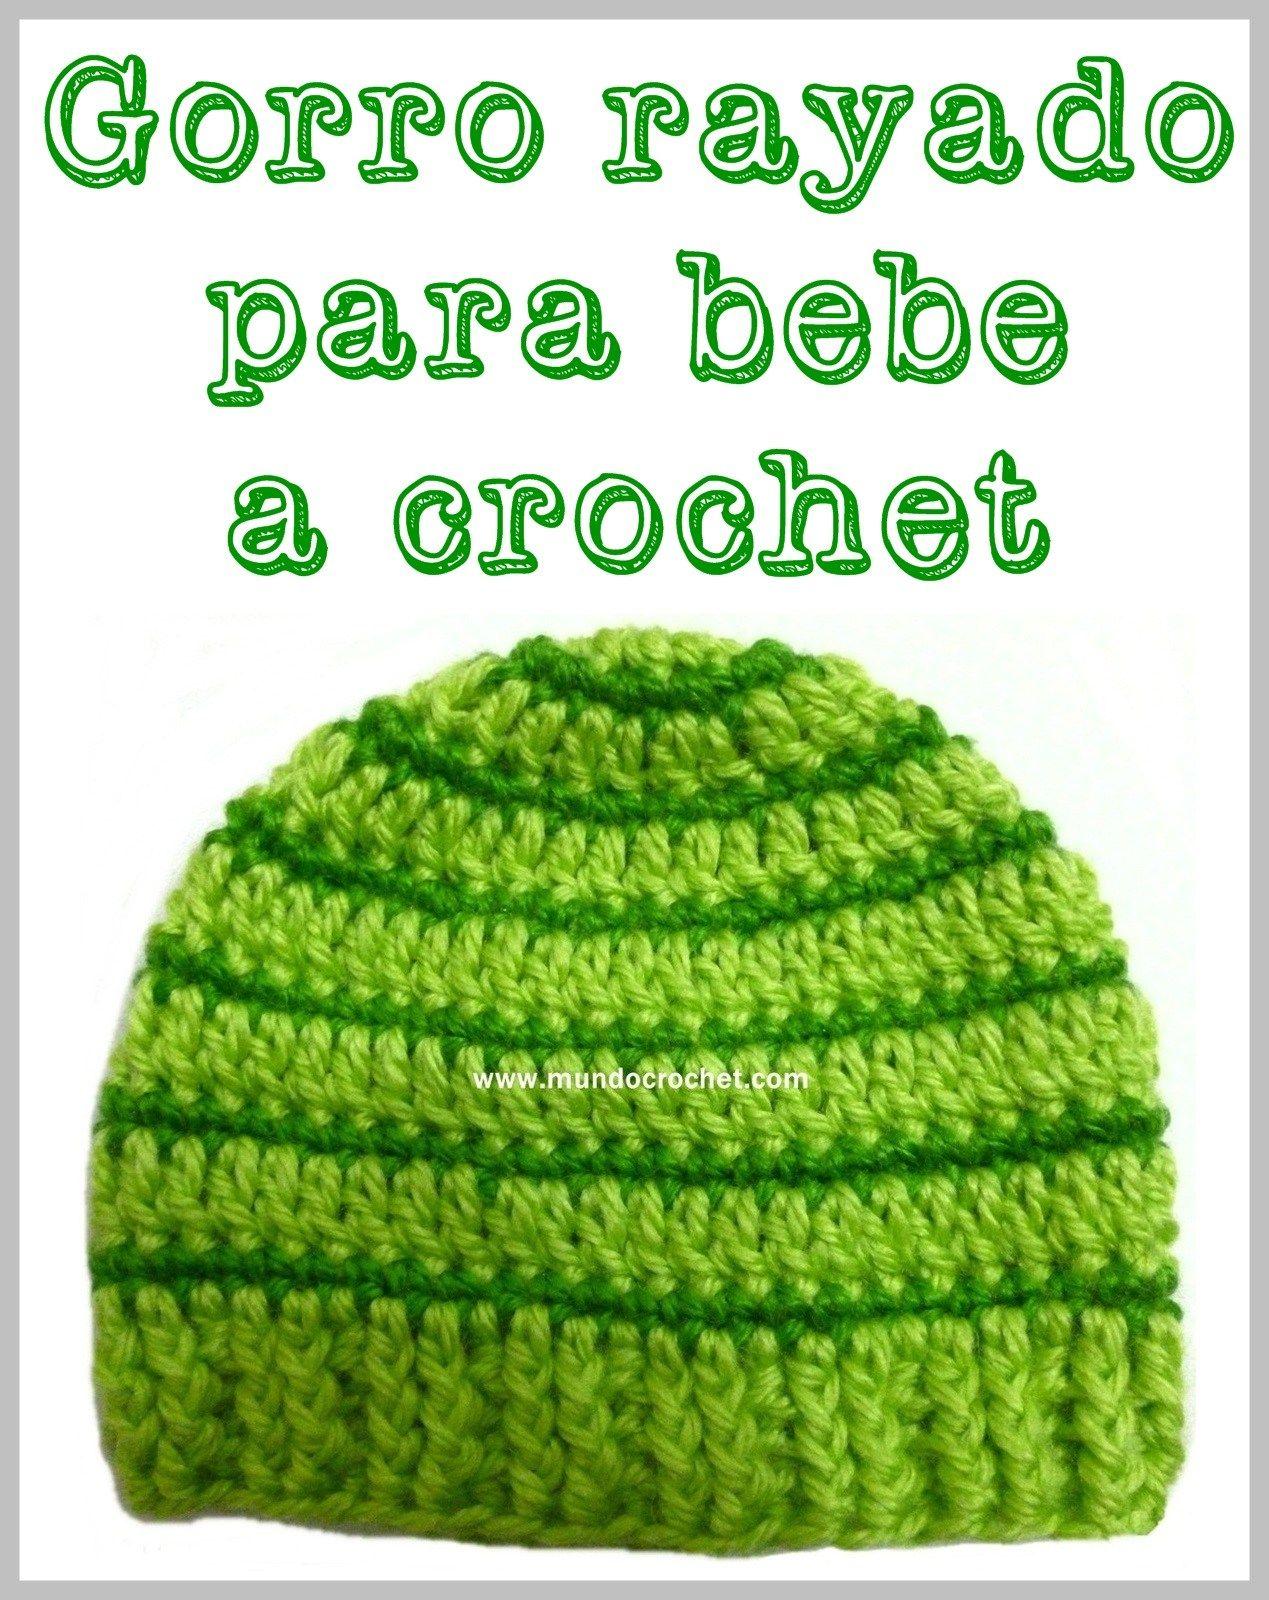 Patron gorro rayado para bebe a crochet o ganchillo | Crochet: bebés ...